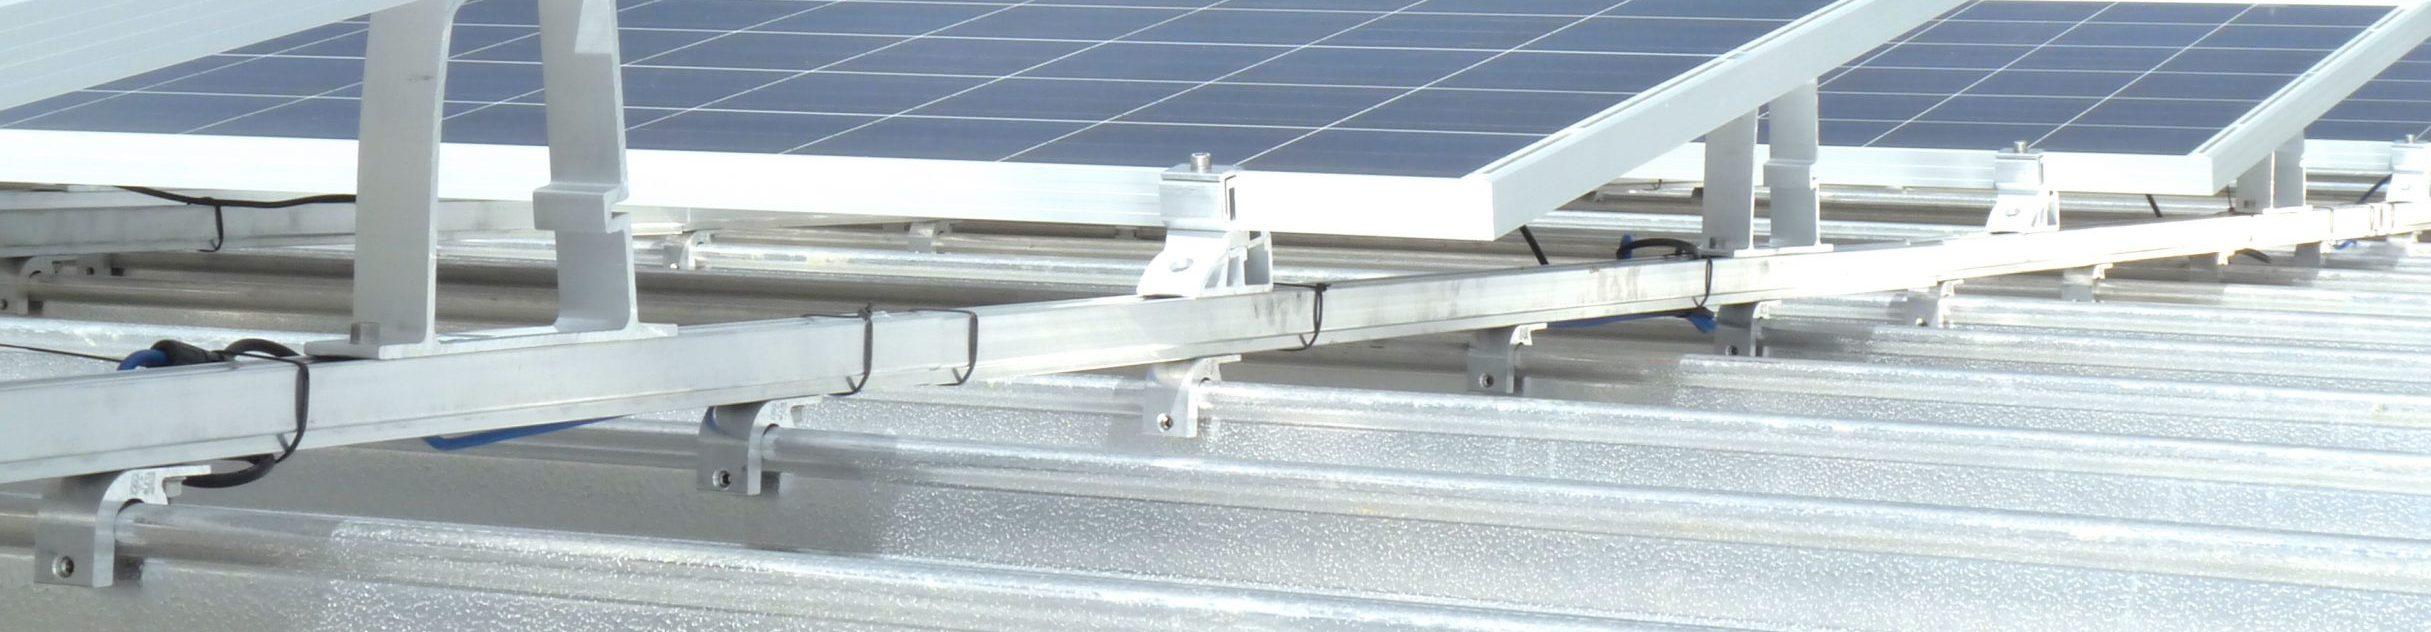 PV-Montage mit Schienen